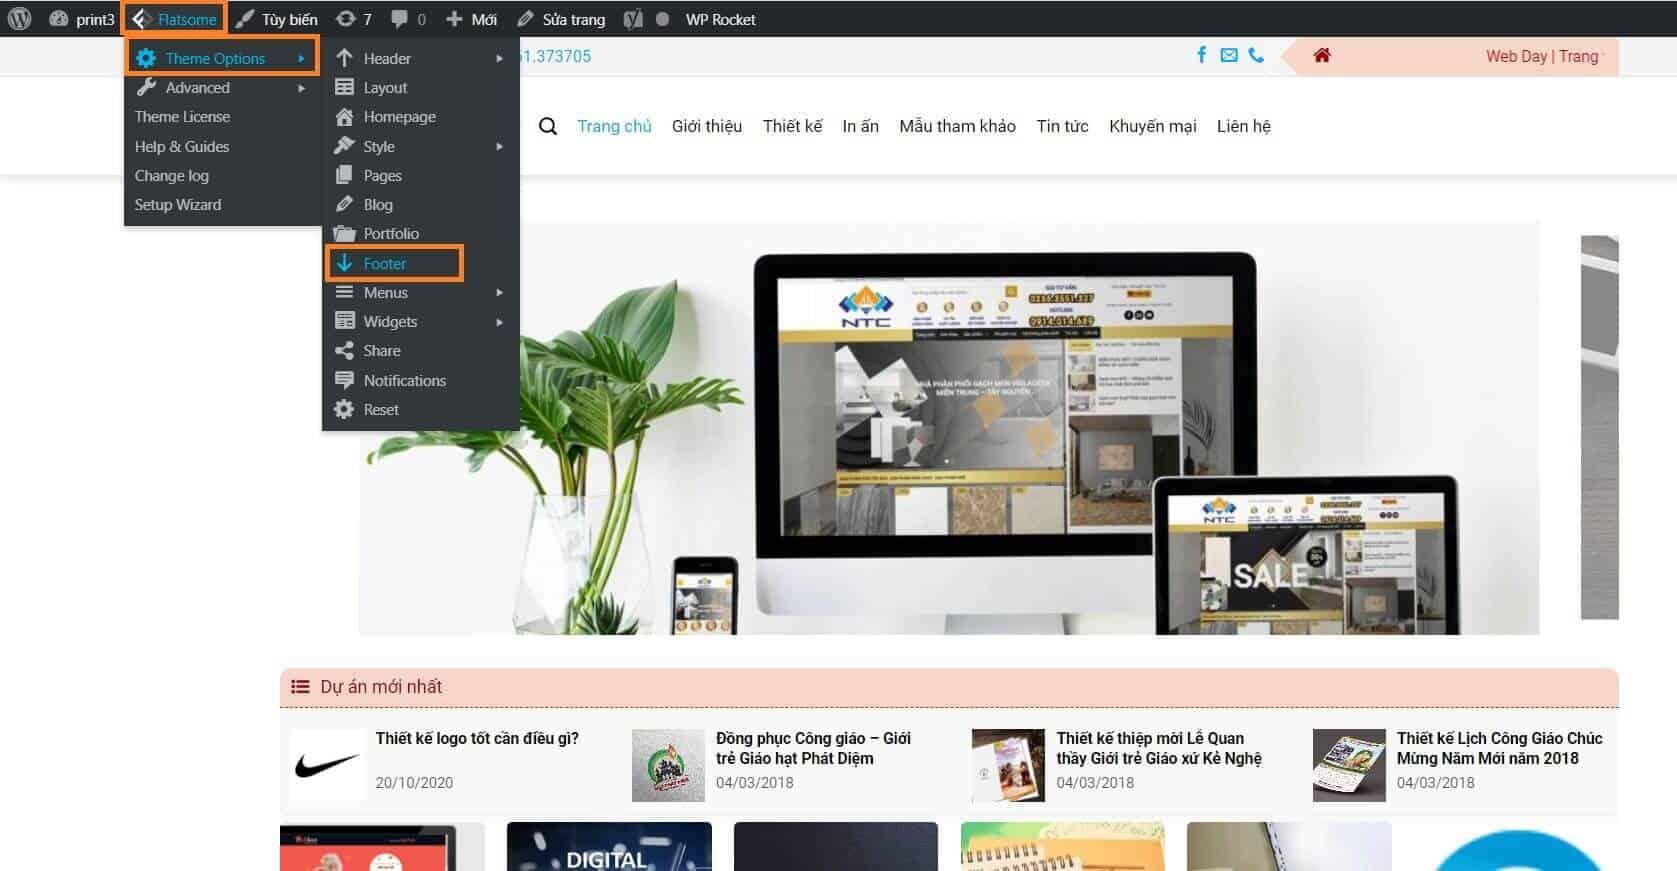 Chỉnh sửa footer wordpress để thay đổi nội dung